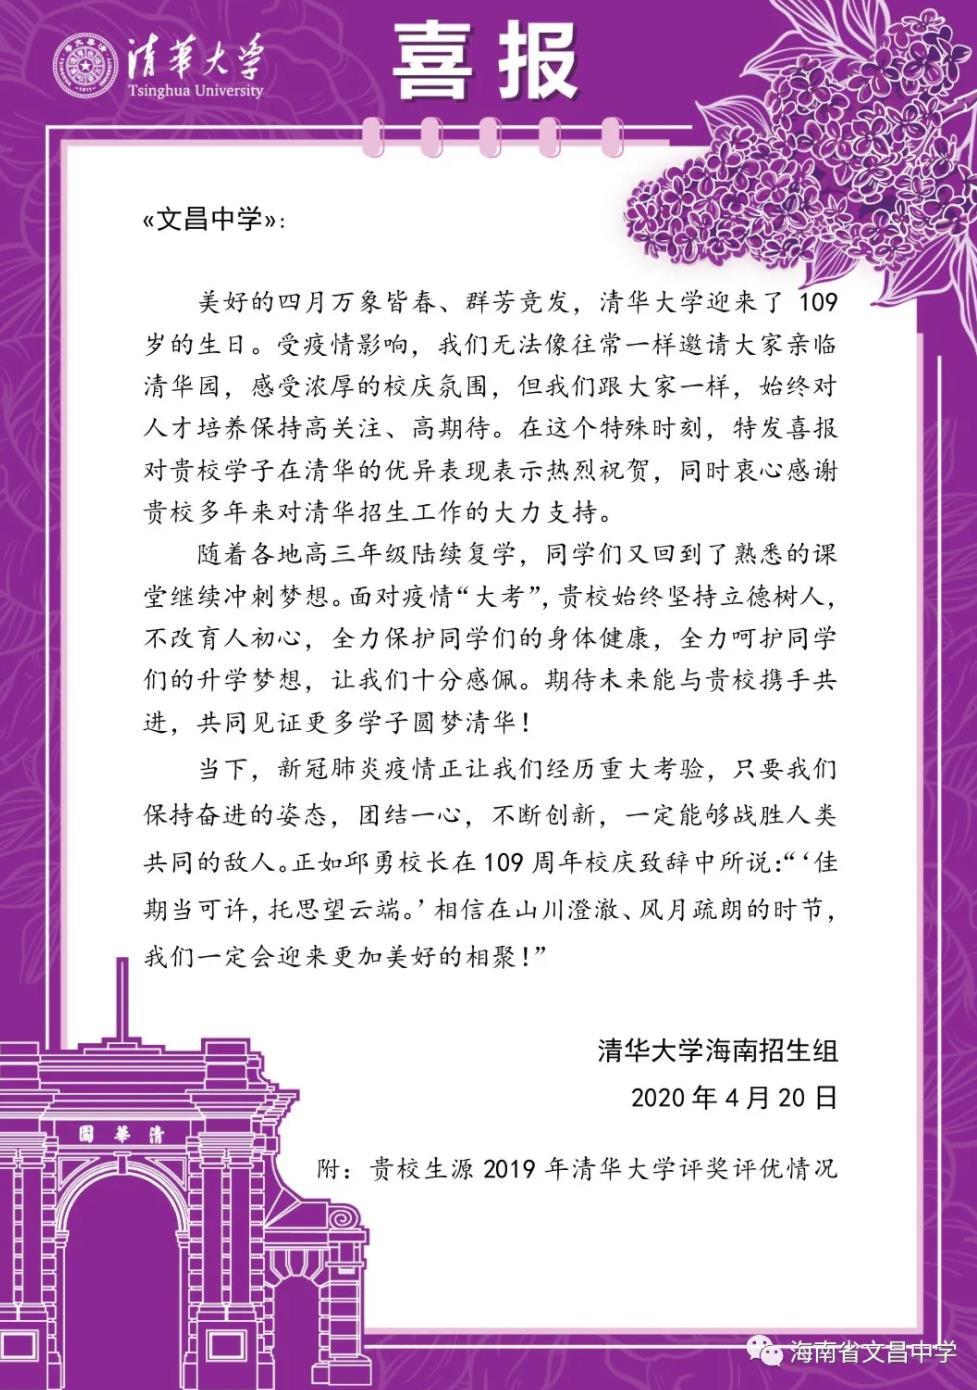 清华大学致文昌中学的喜报